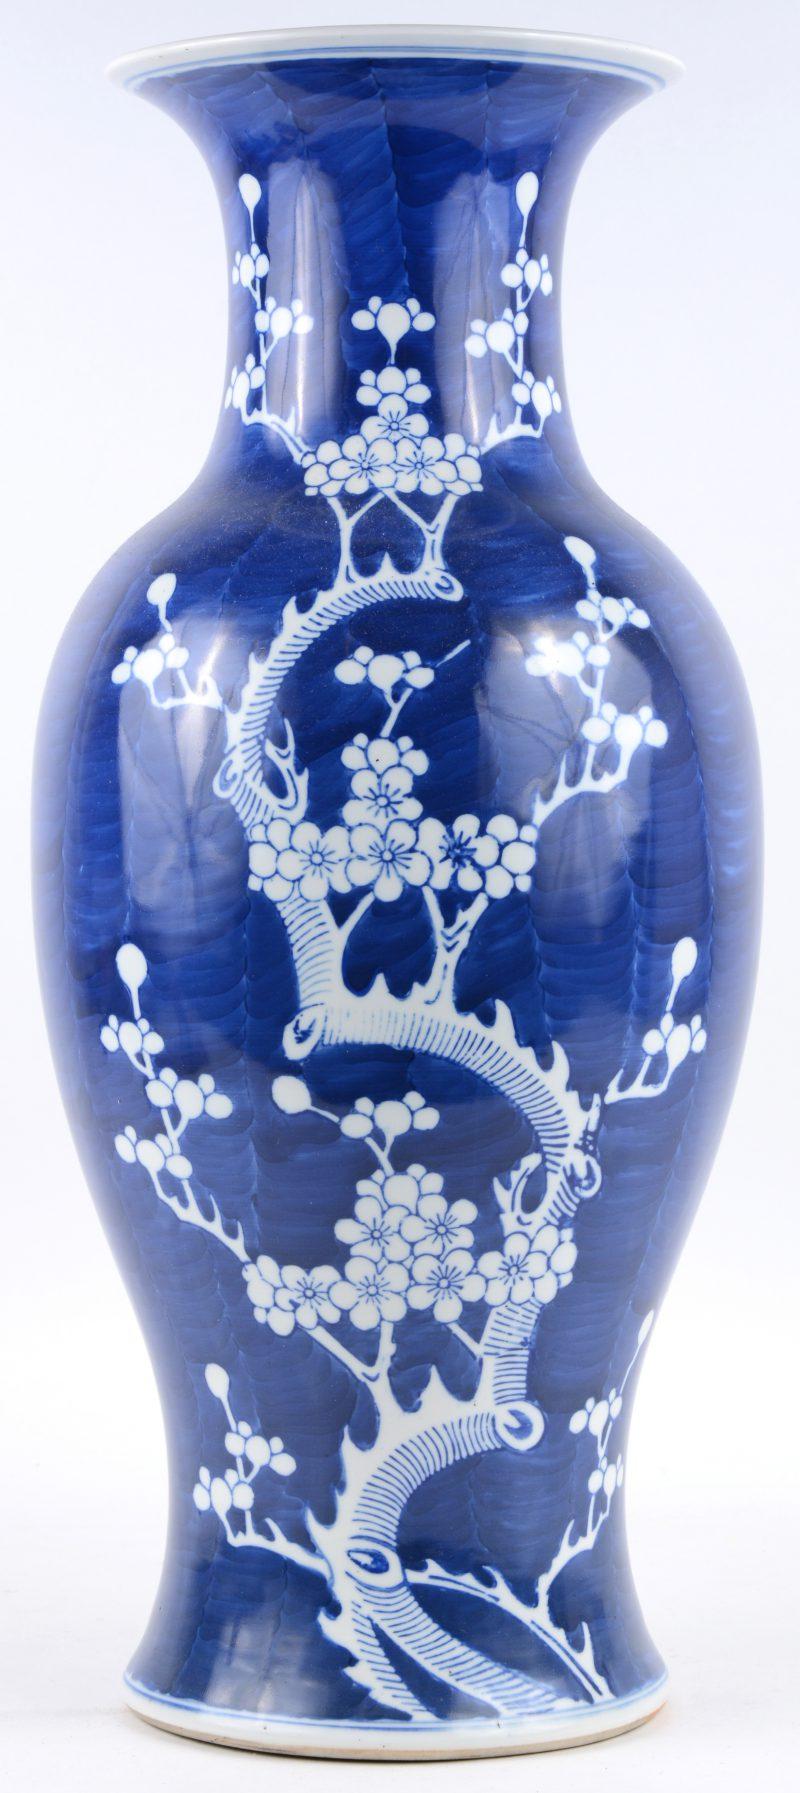 Een balustervaas van Chinees porselein met een wit op blauw decor van een bloeiende struik. Onderaan gemerkt: Zhongguo Jingdezhen Zhi.